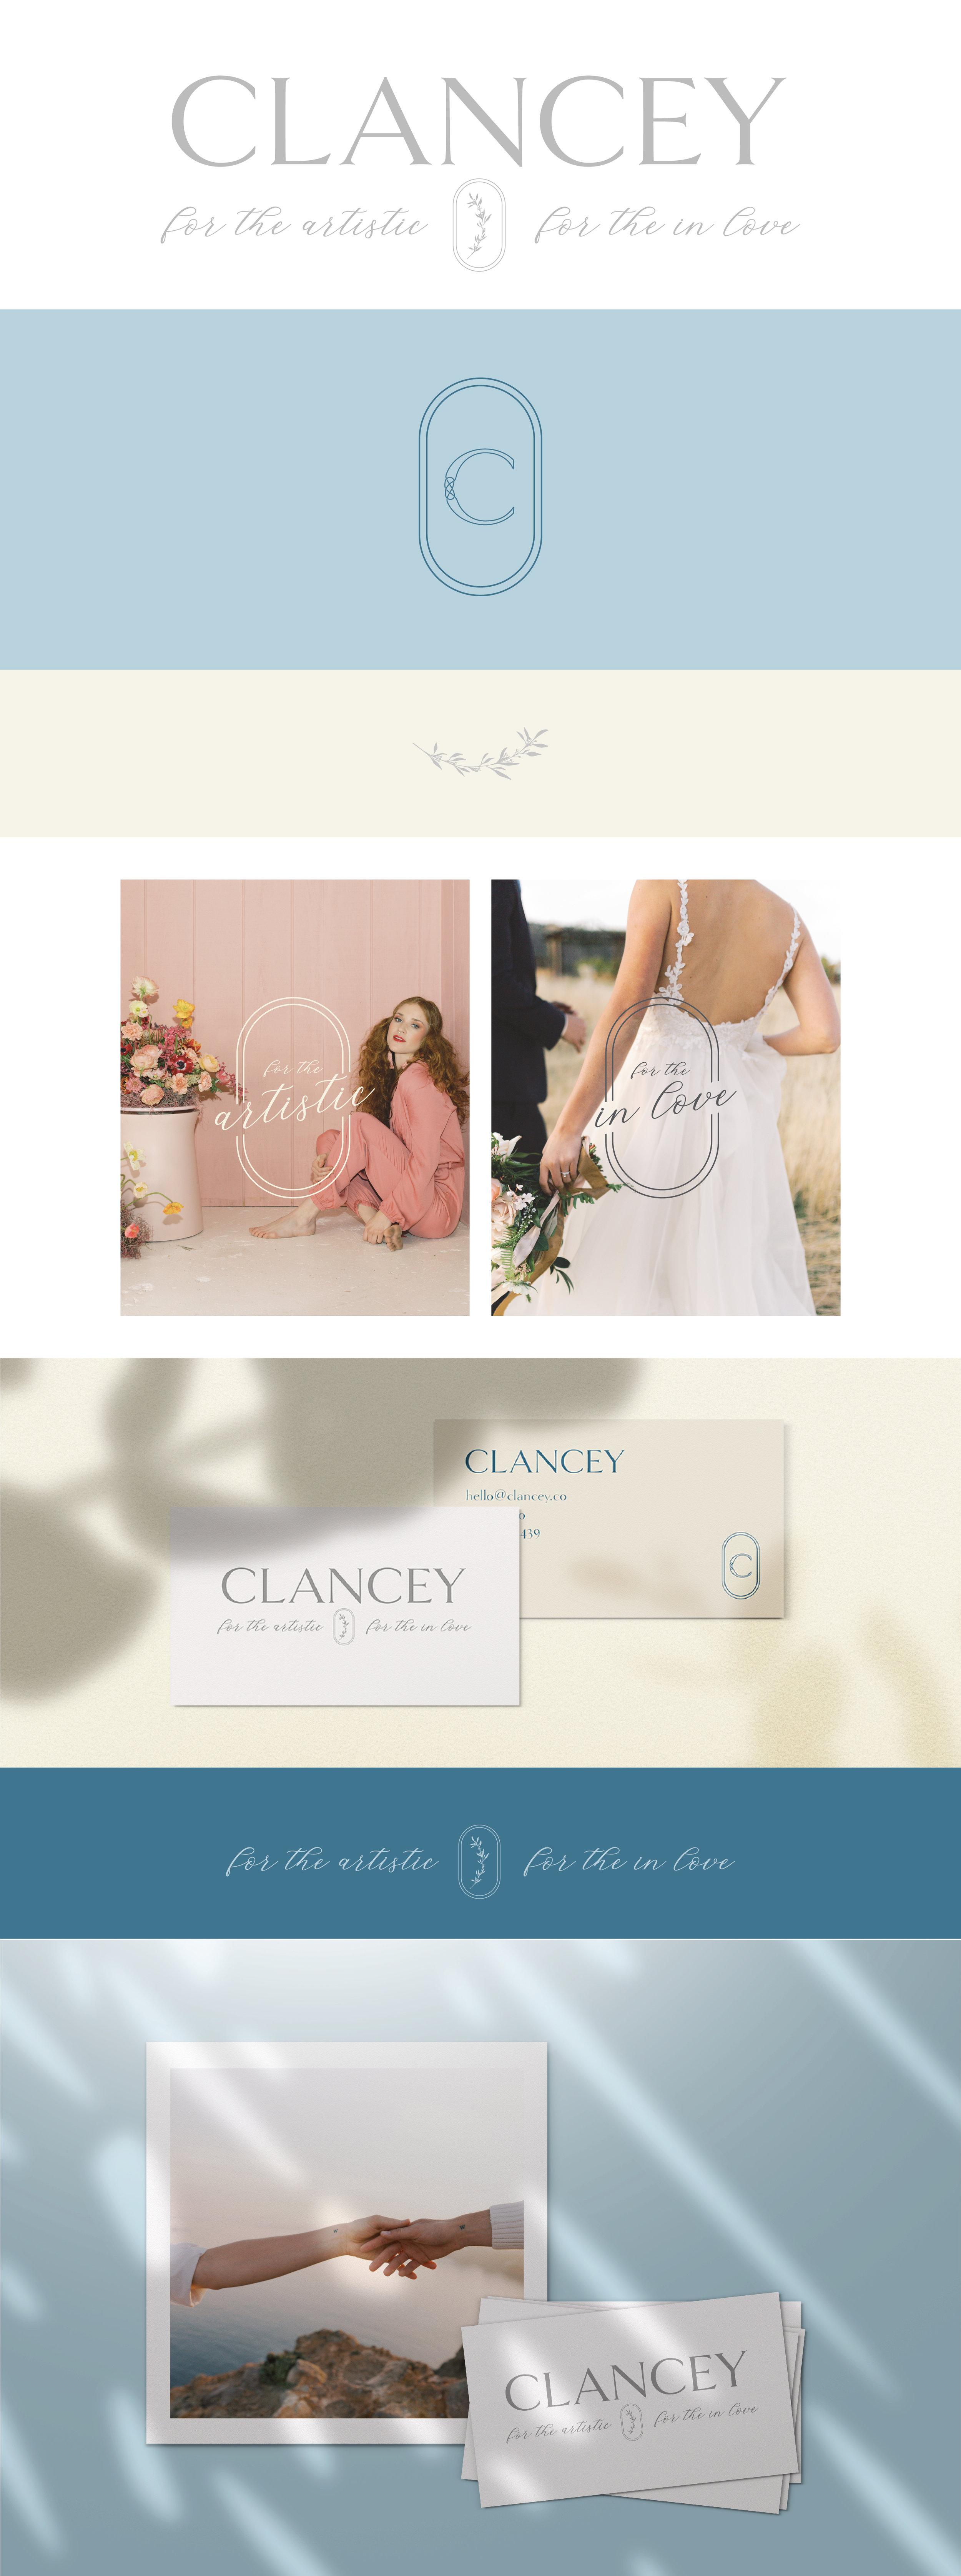 Clancey_BlogLaunch-01.jpg